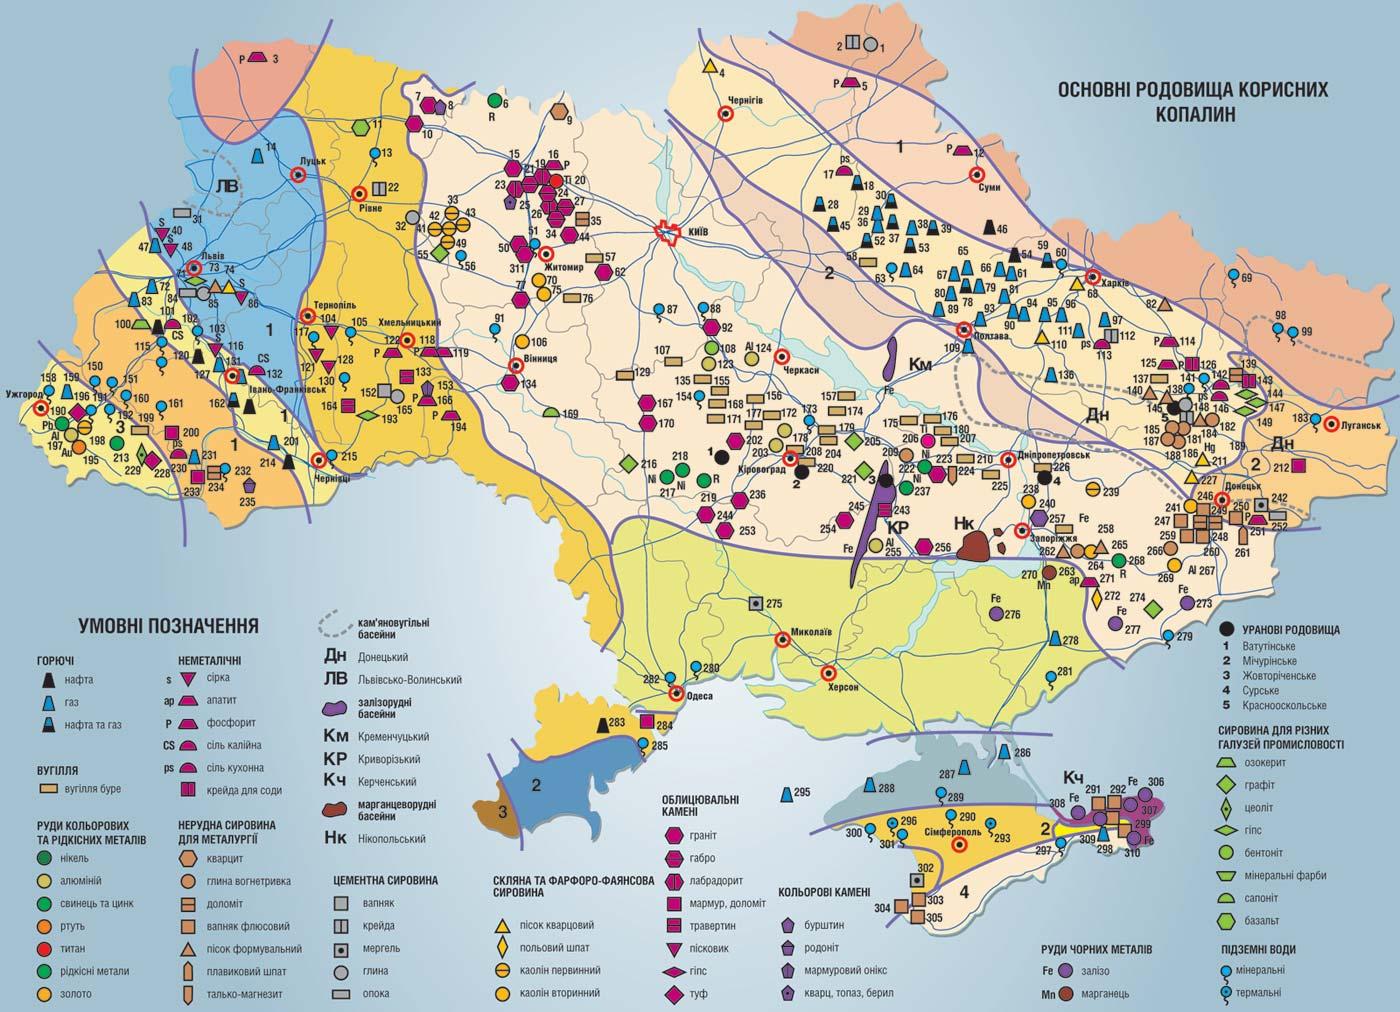 Полезные ископаемые в Украине (карта)